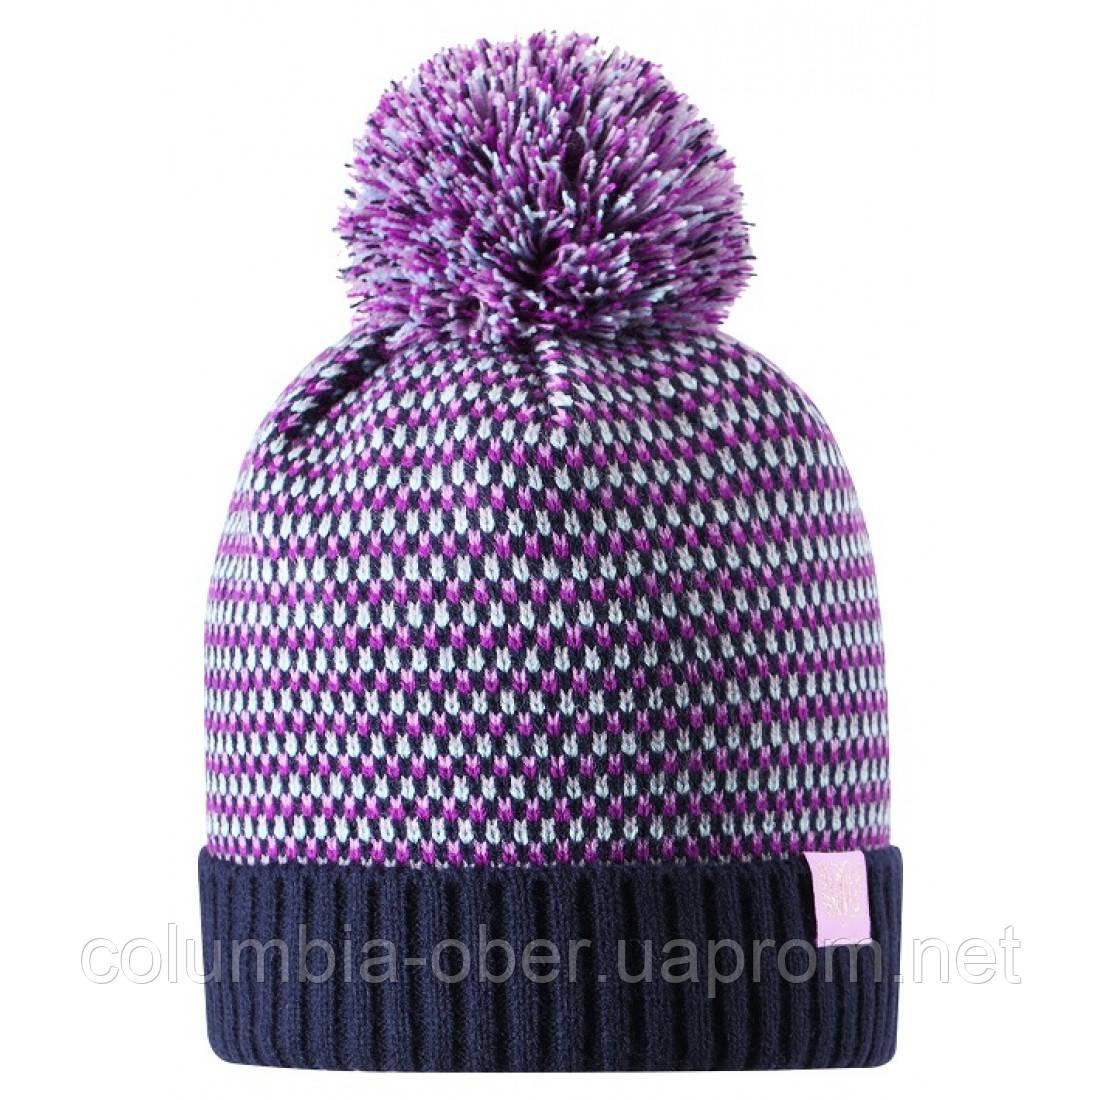 Зимняя шапка-бини для девочки Lassie by Reima Neida 728766-6951. Размеры 46/48, 50/52 и 54/56.